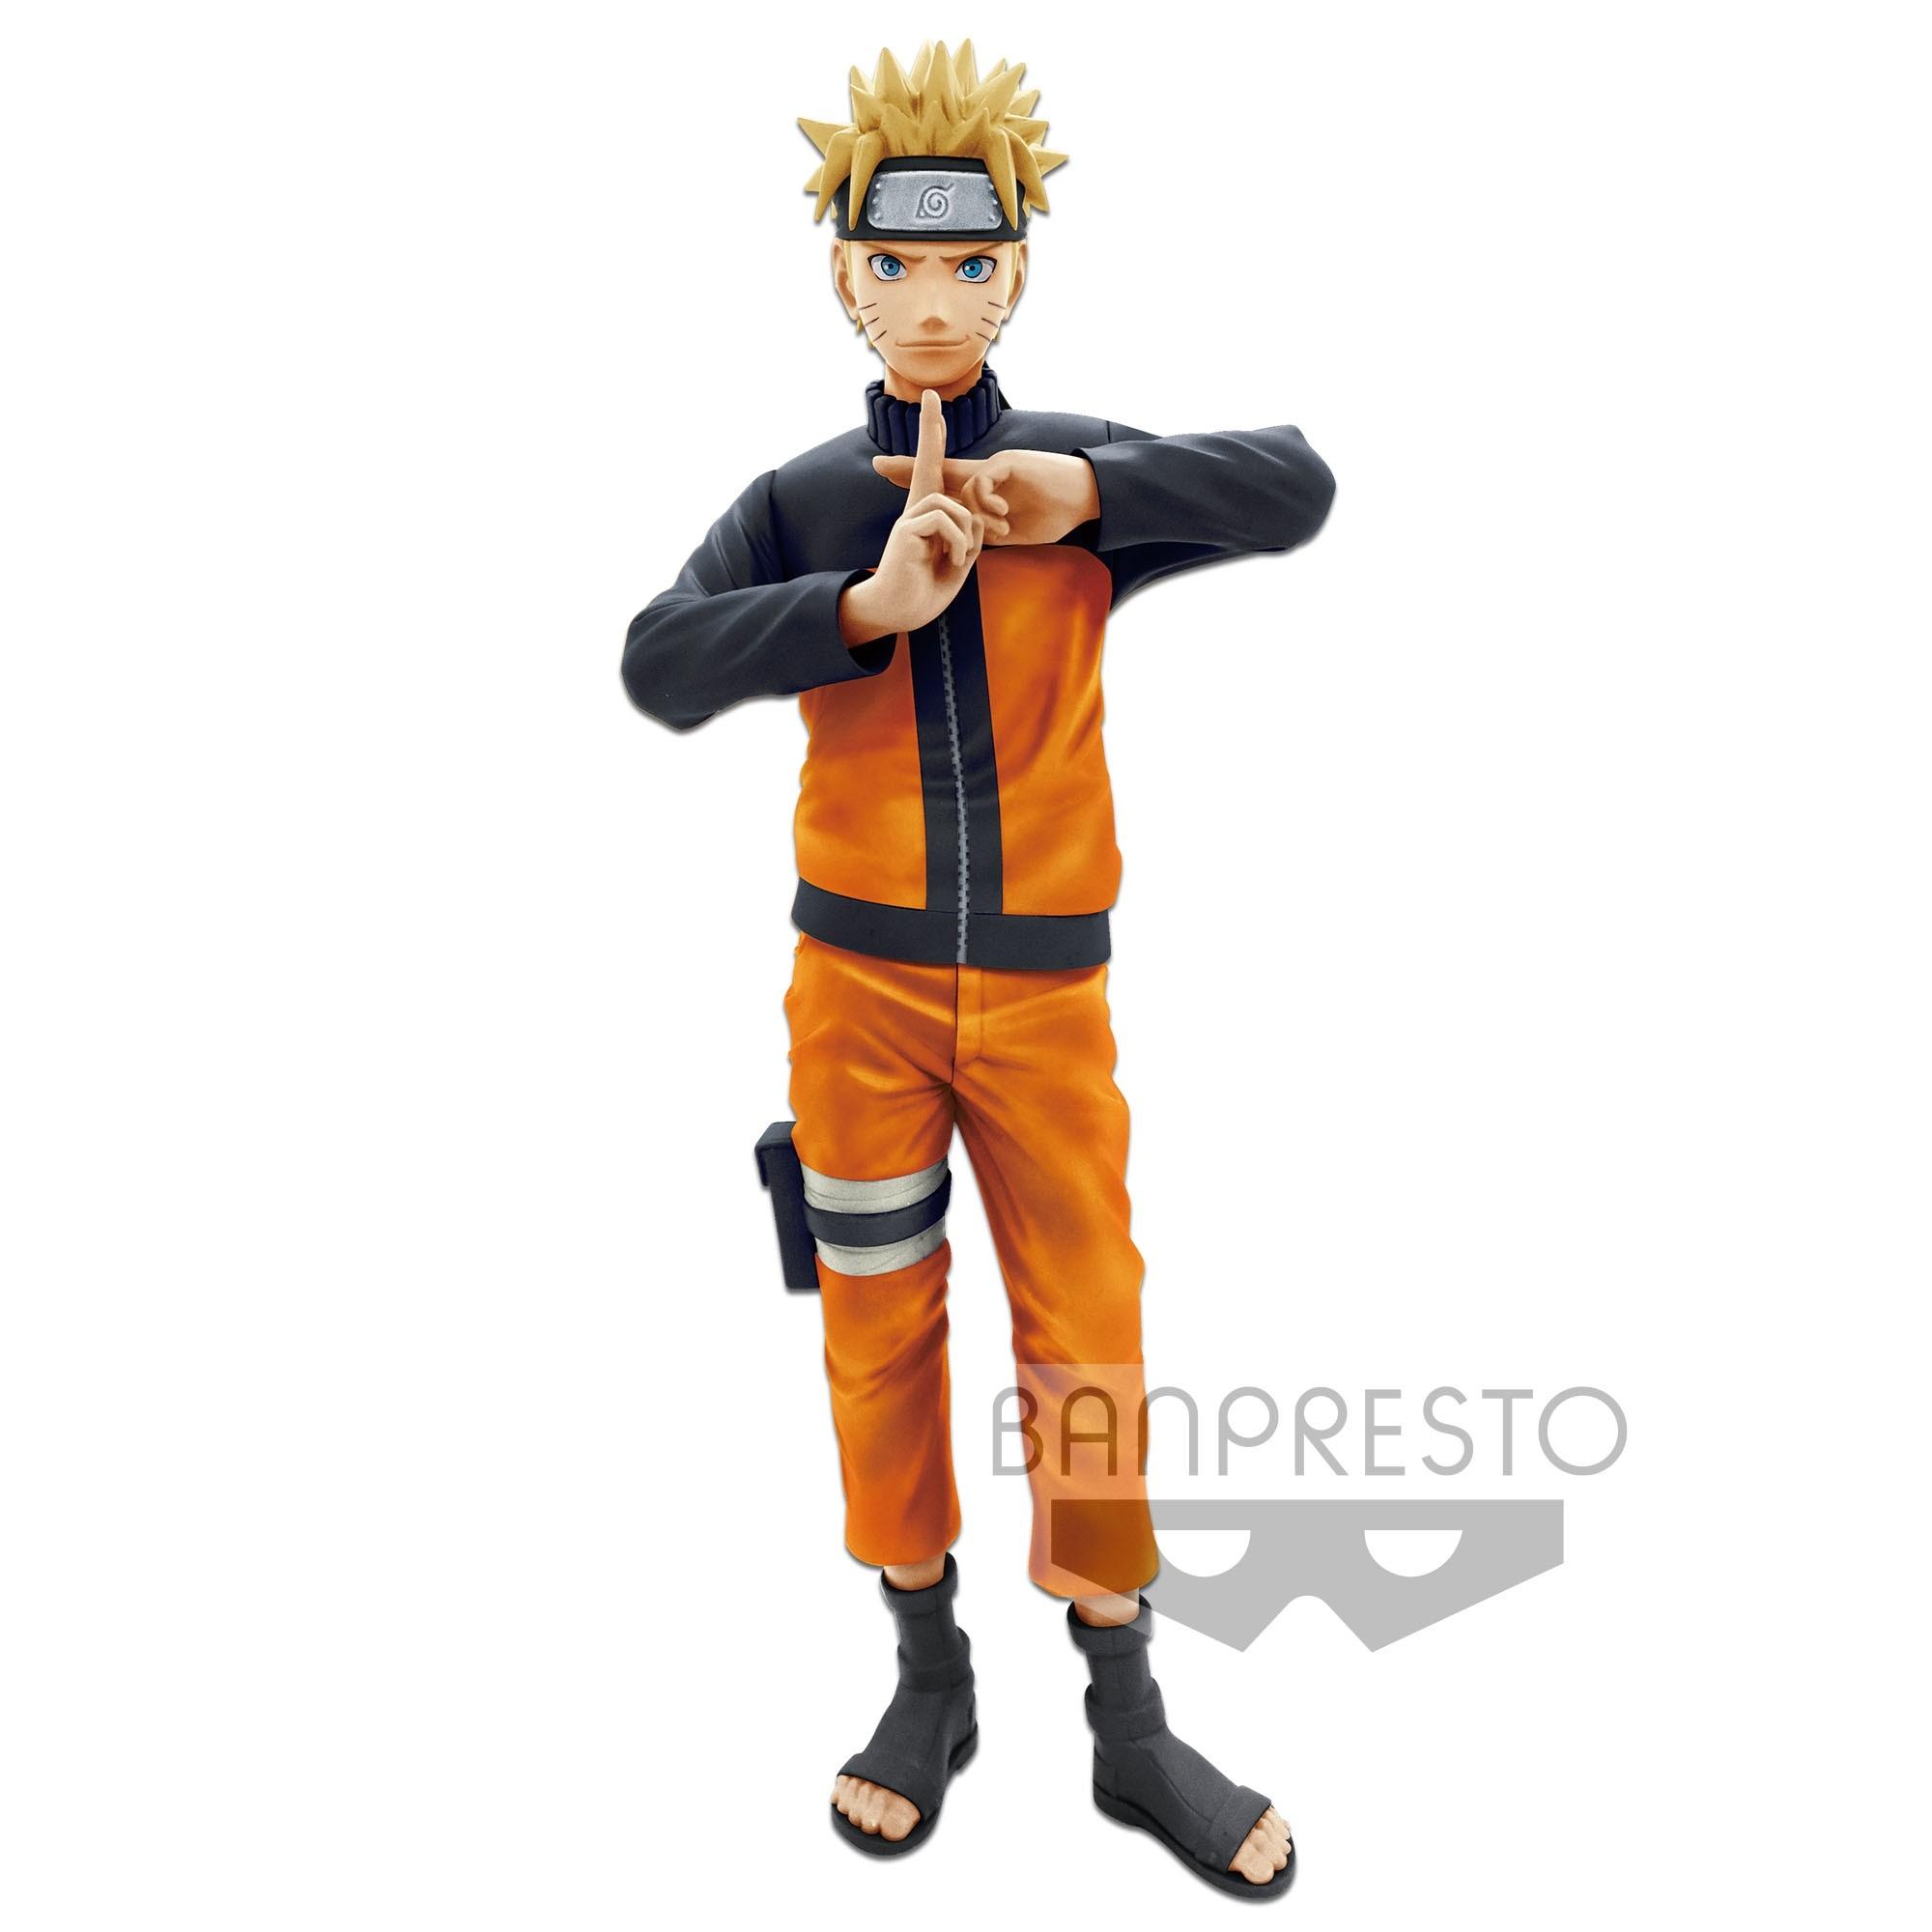 Naruto Shippuden Figure Grandista Nero Uzumaki Naruto